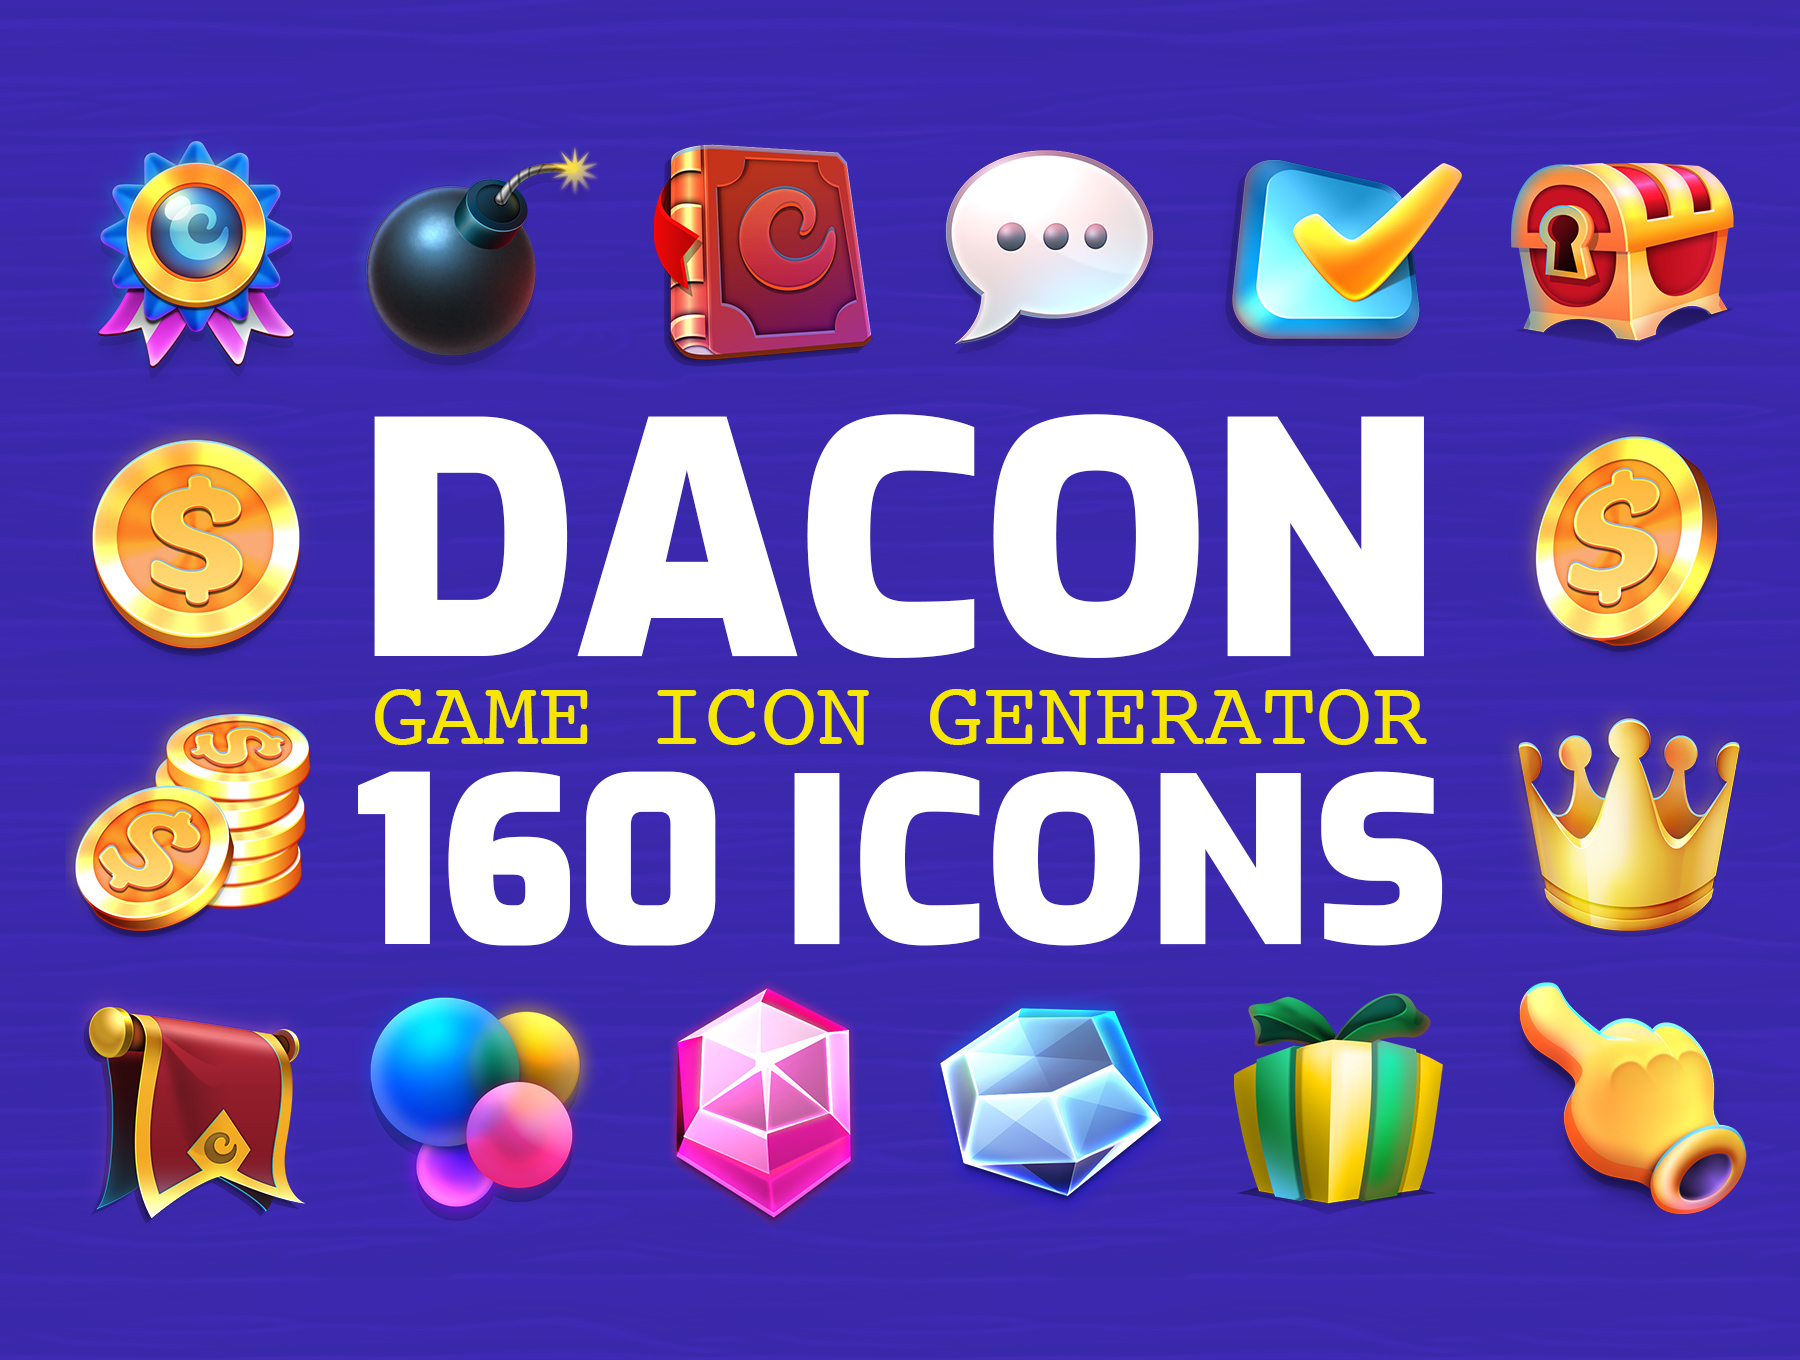 高品质多彩游戏3D图标PS设计素材 DACON – Game Icon Generator插图